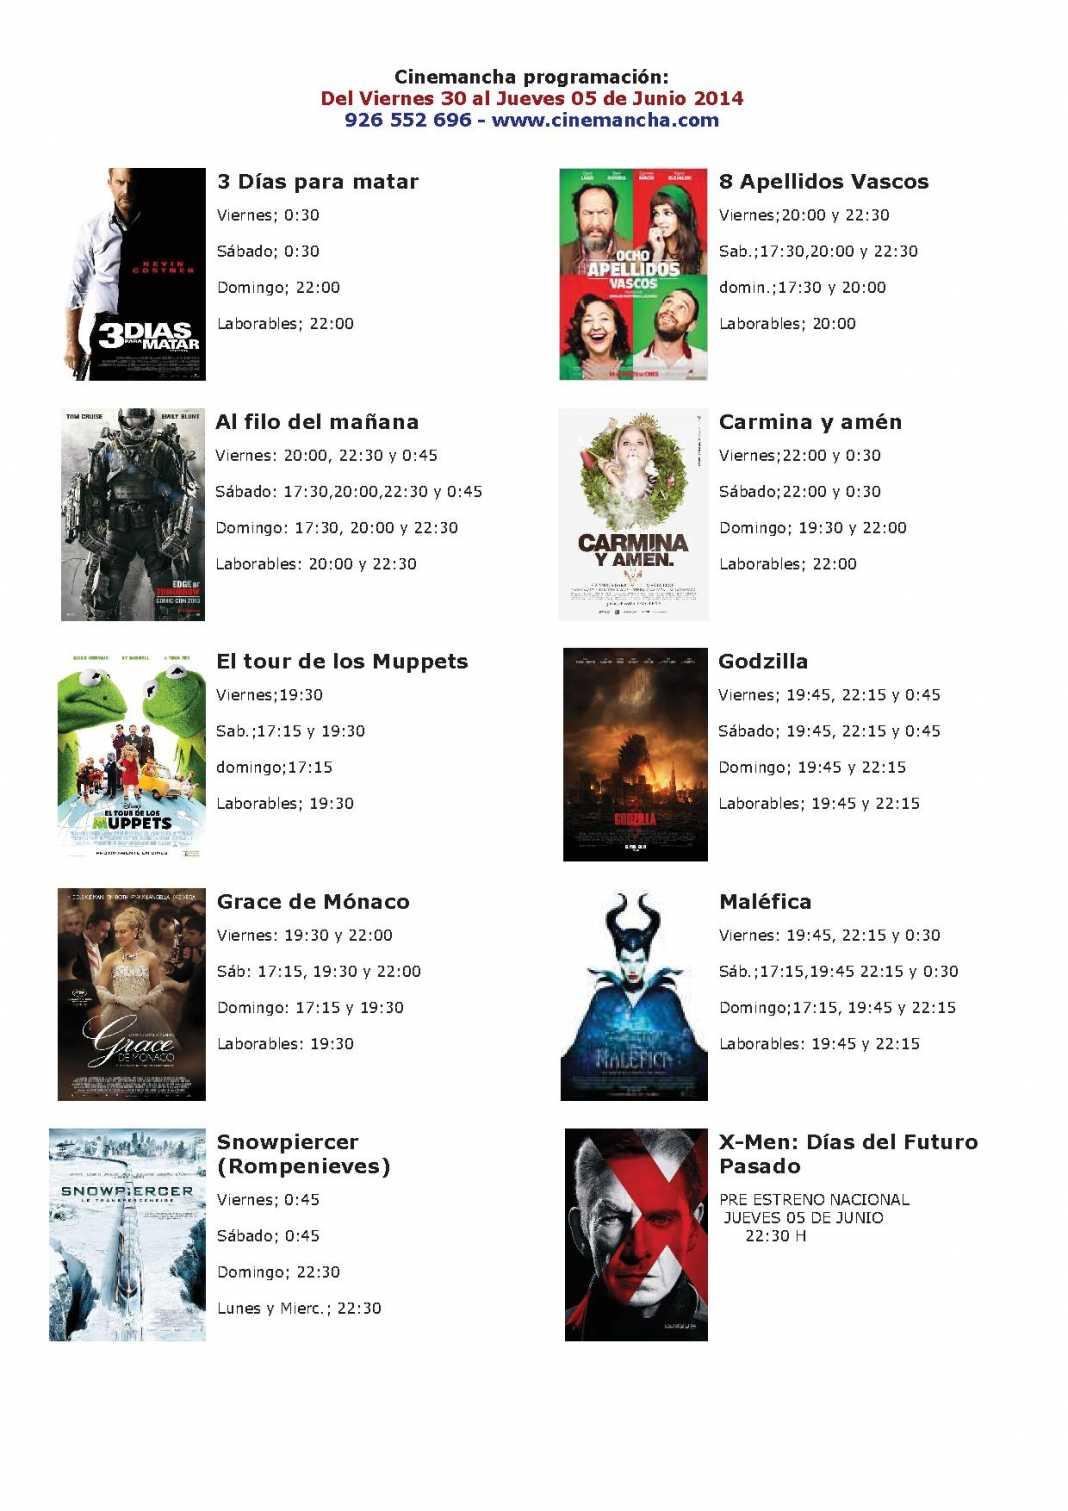 Cartelera de Cinemancha del viernes 30 mayo al jueves 05 de junio 1